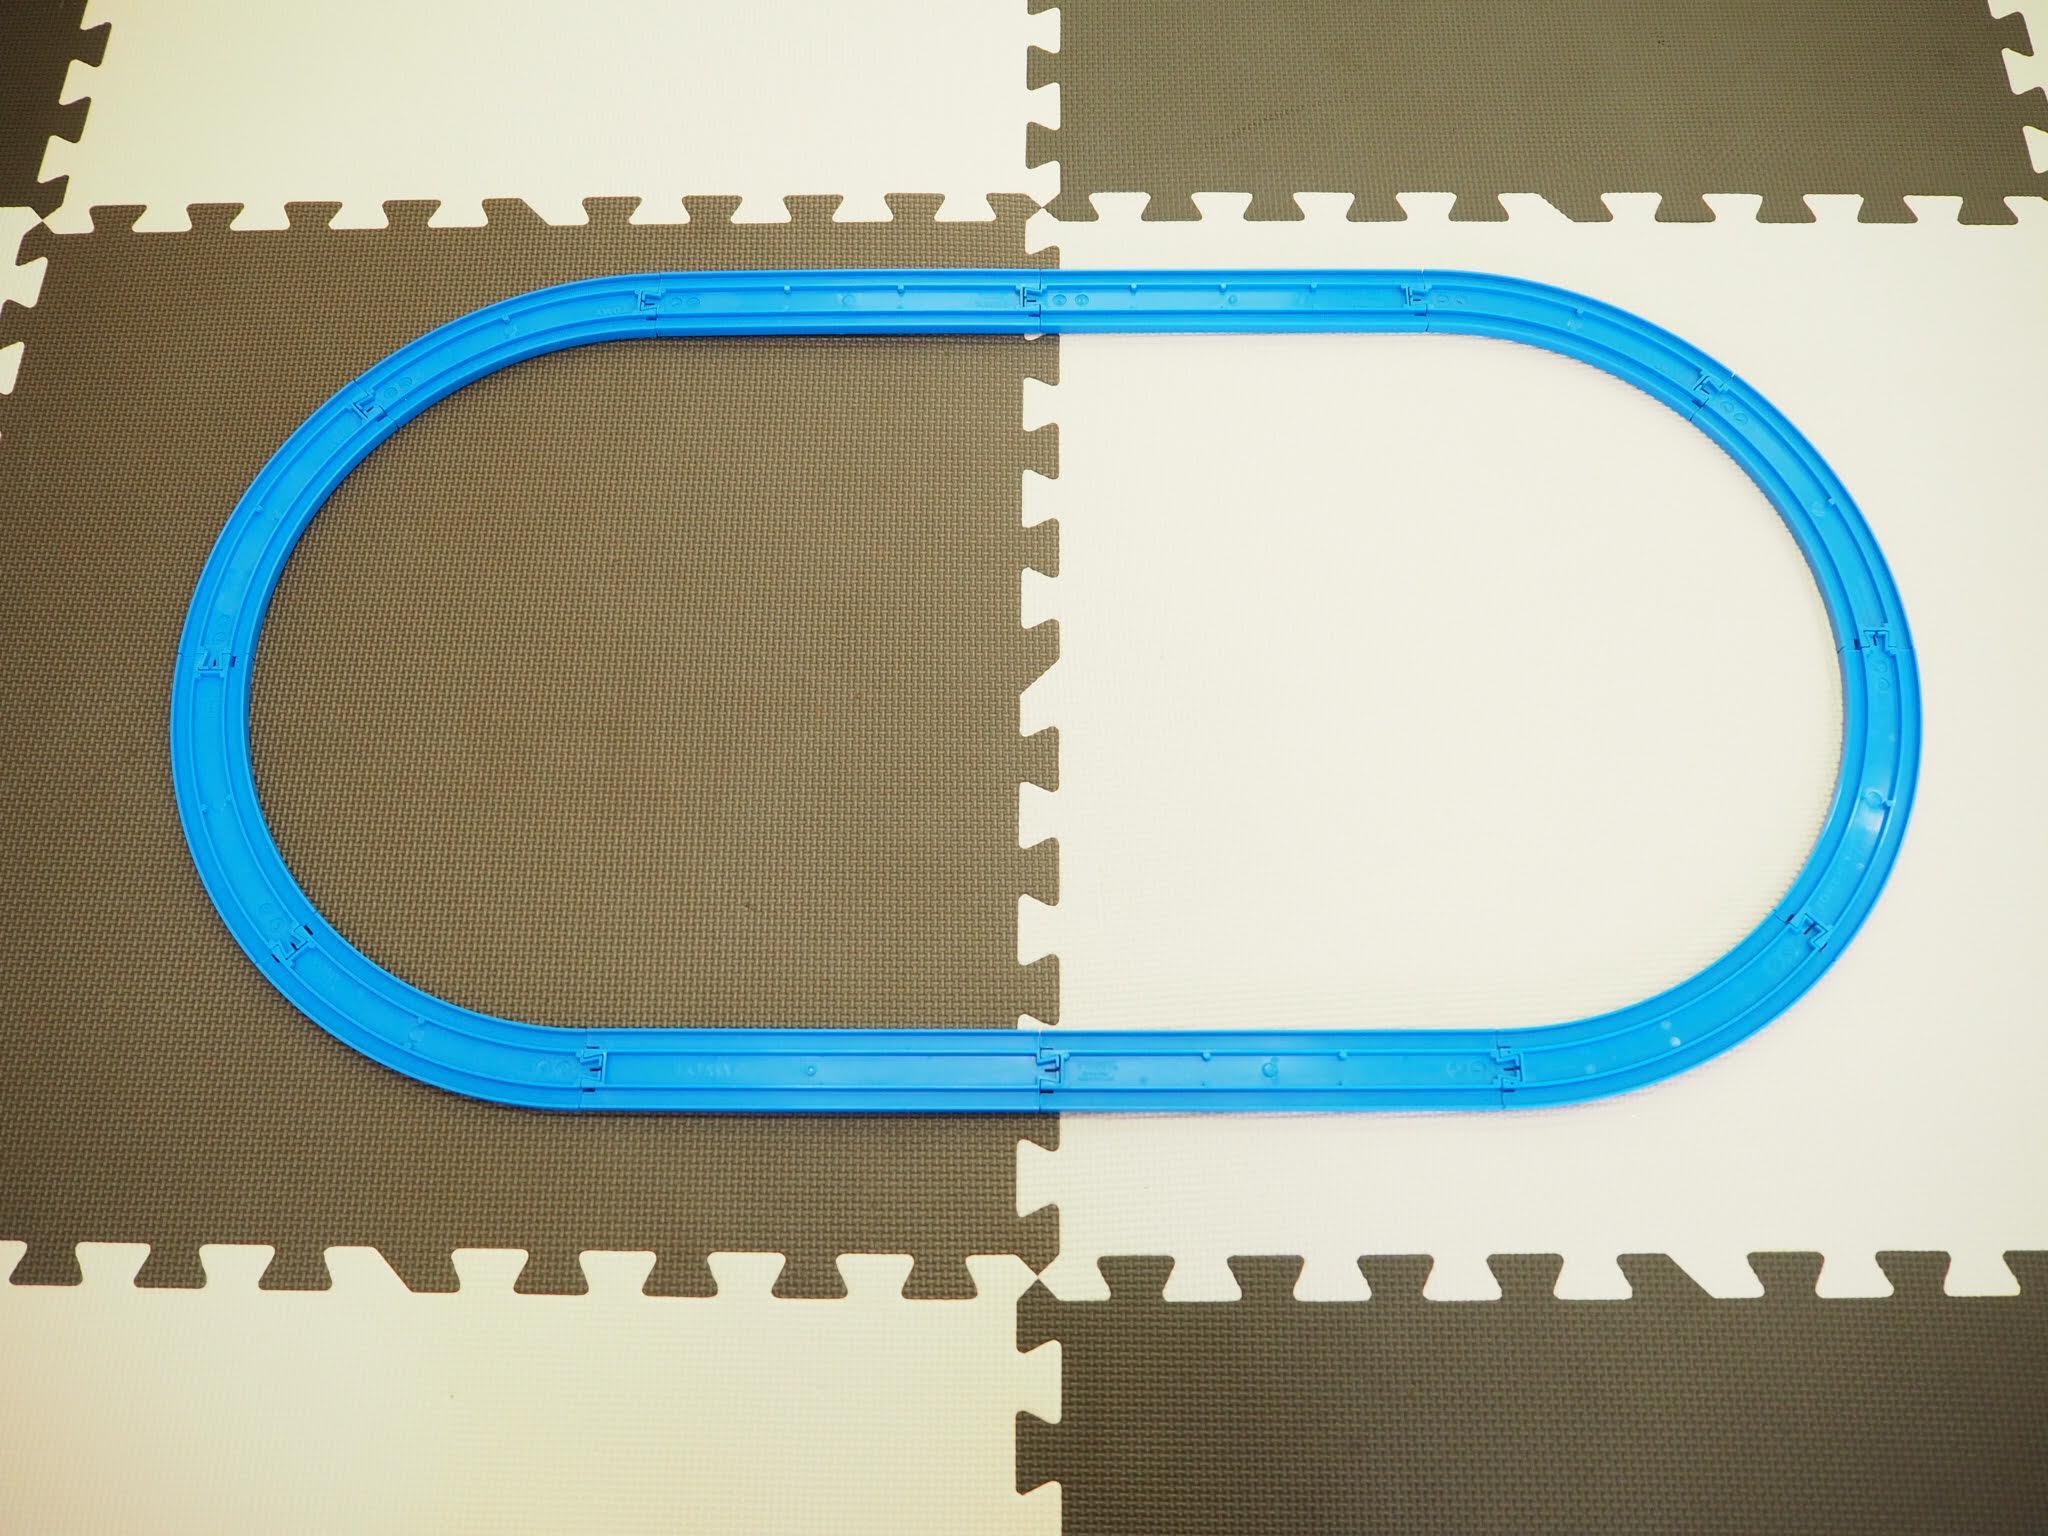 プラレールレイアウトの組み方2